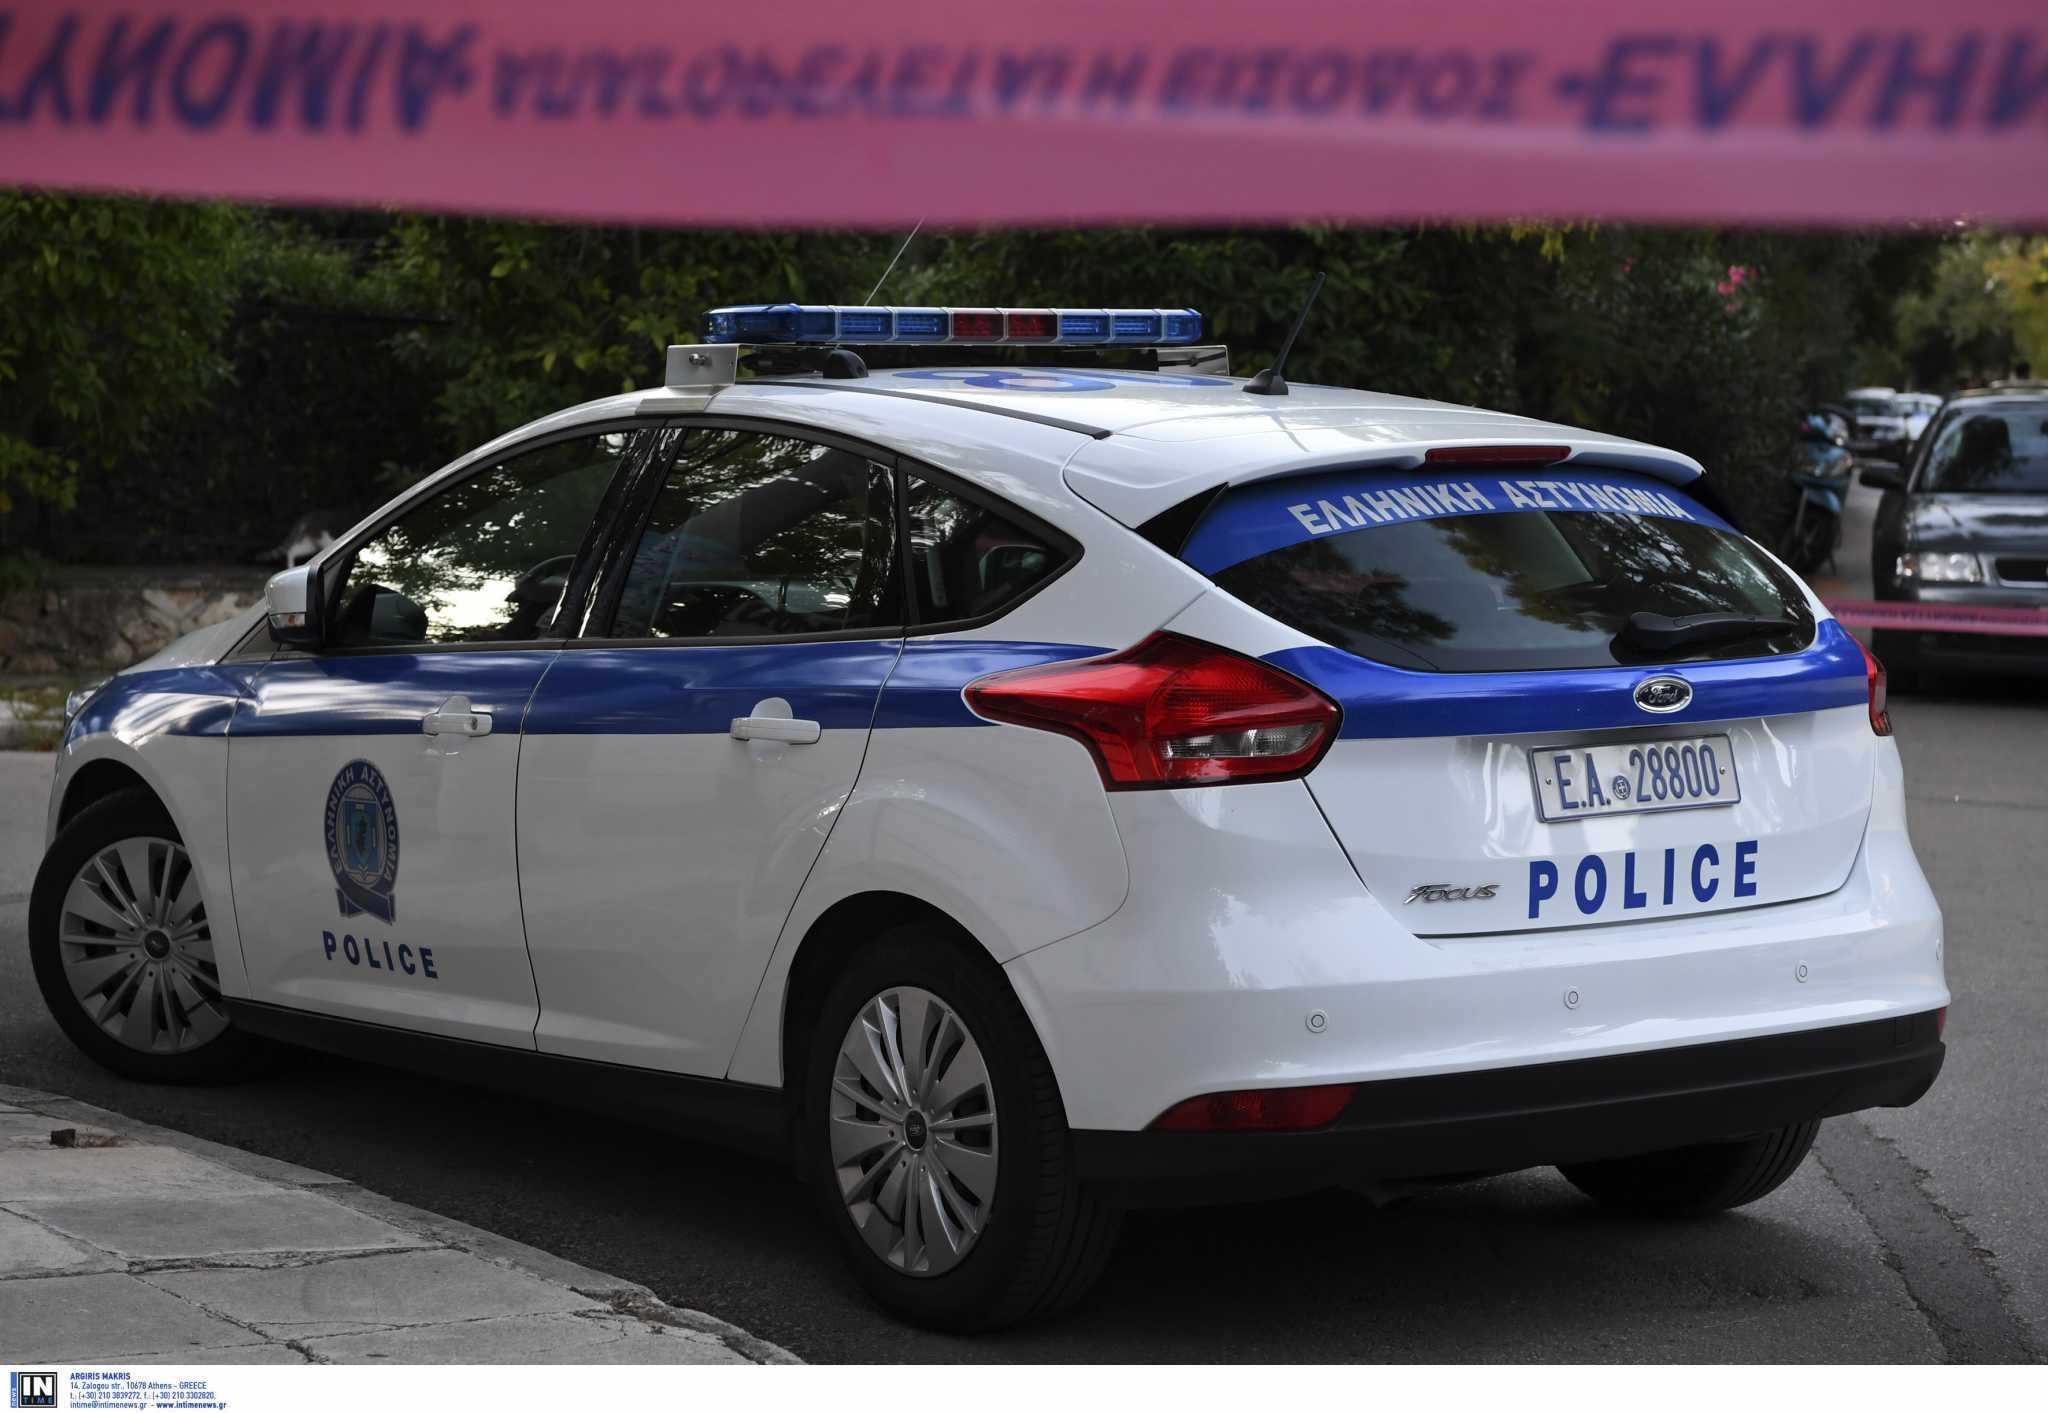 Κορινθία: Ανήλικη κατήγγειλε βιασμό από τον πατέρα της